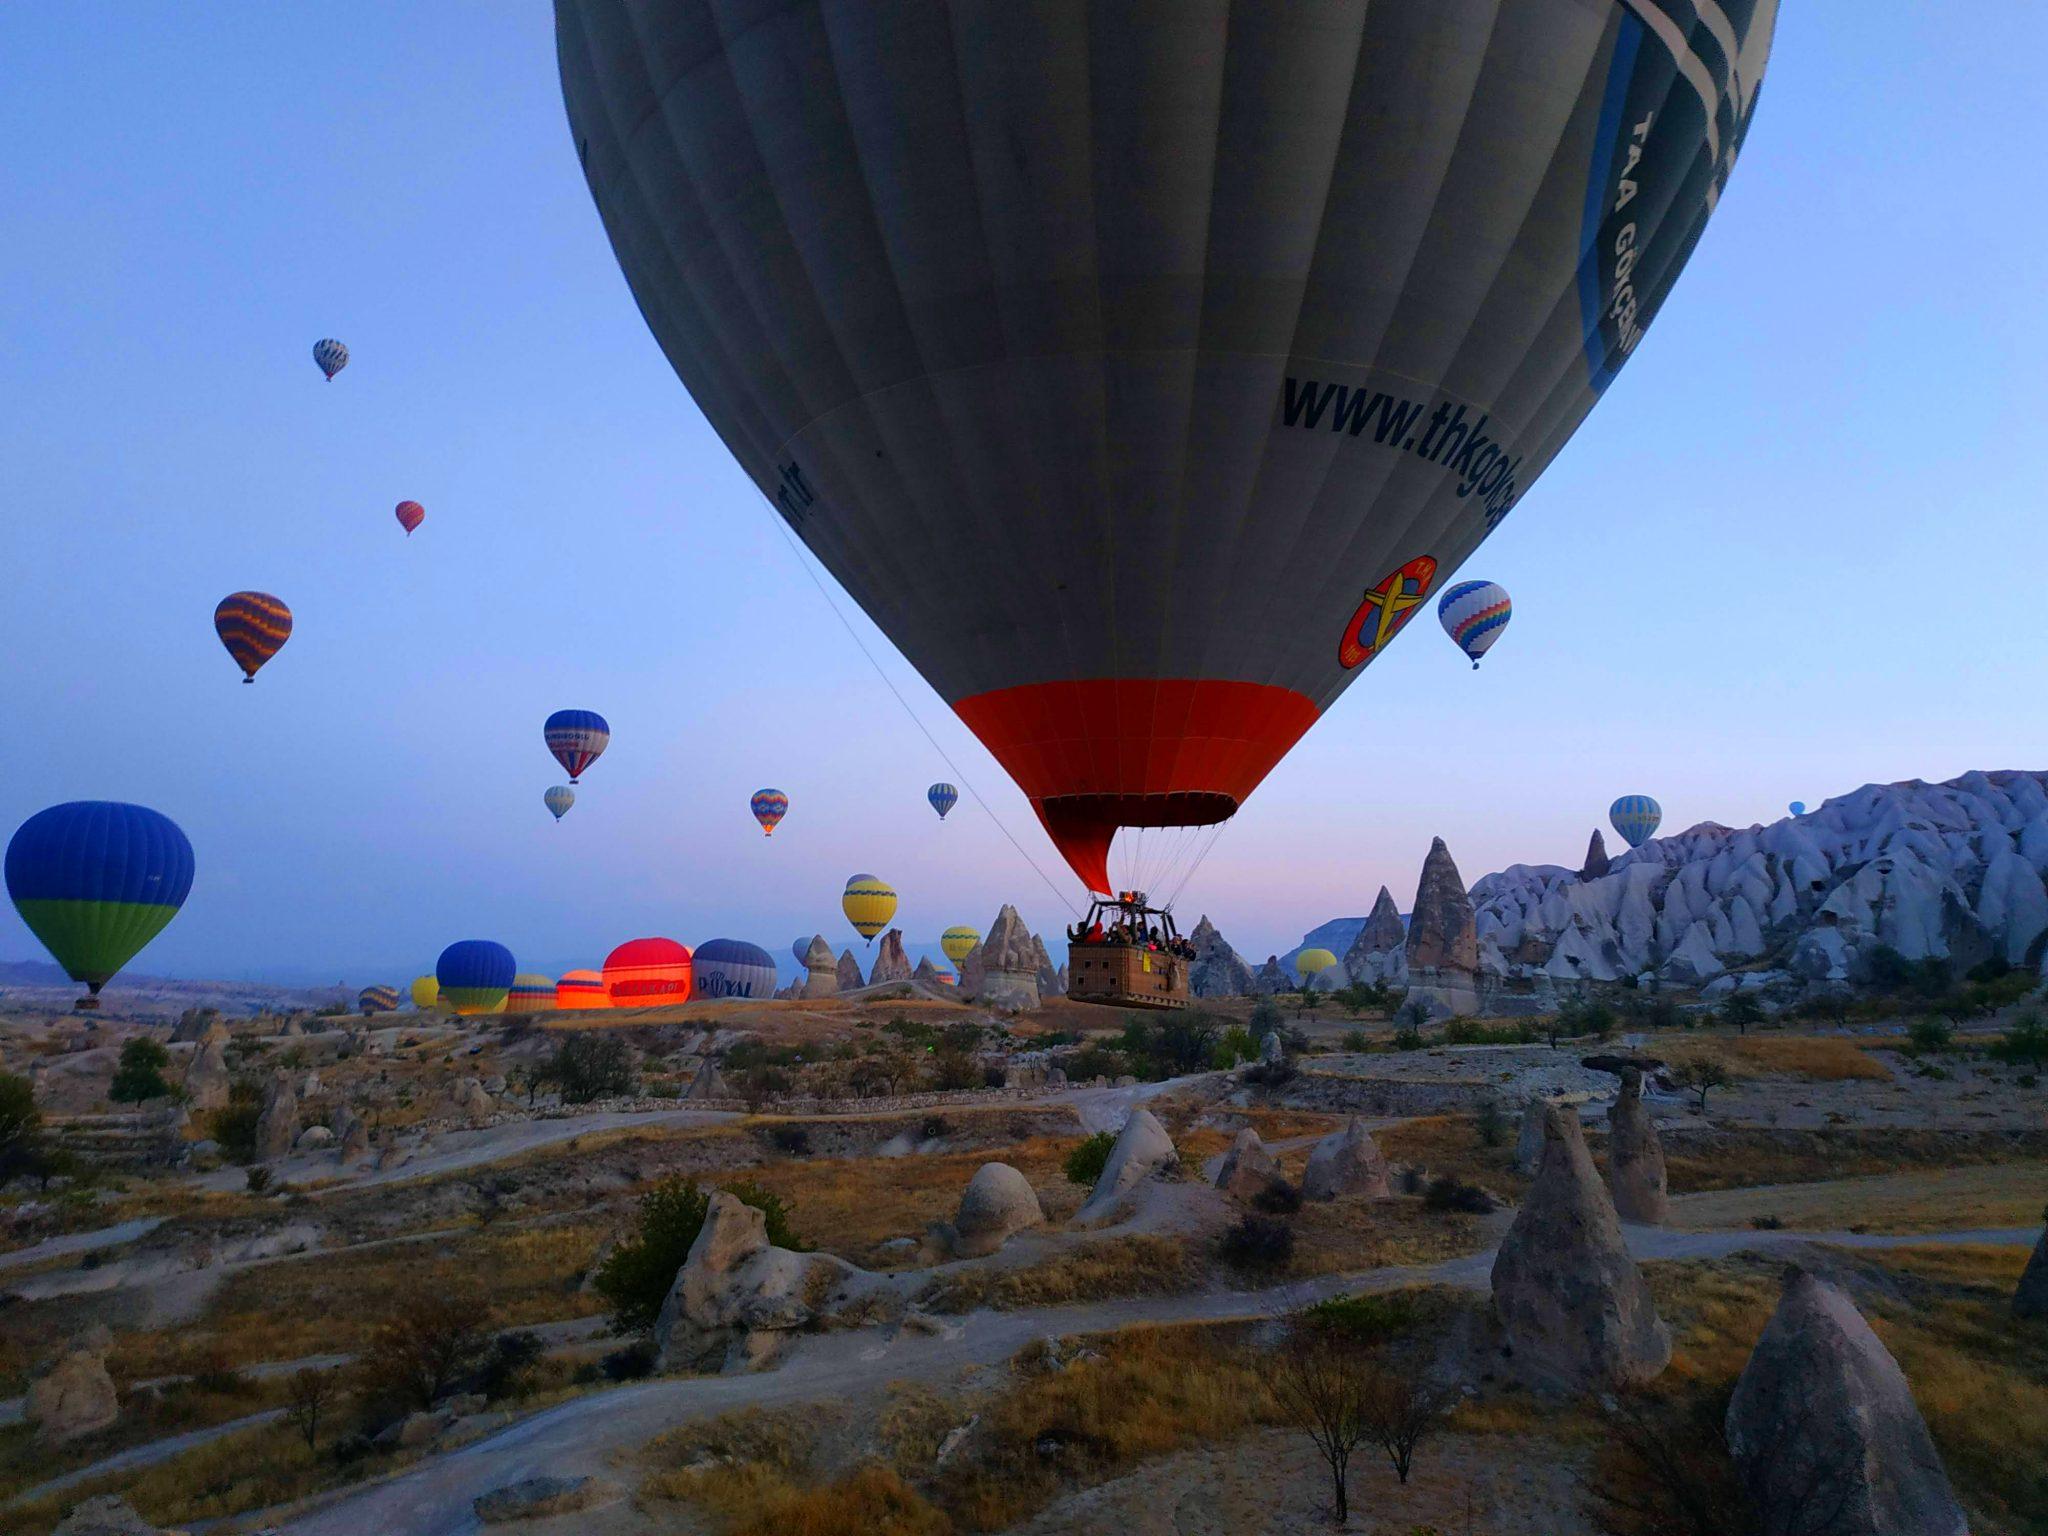 Imagen post Tres días en la Capadocia. Paseo en globo Capadocia - Pasaporte y Millas